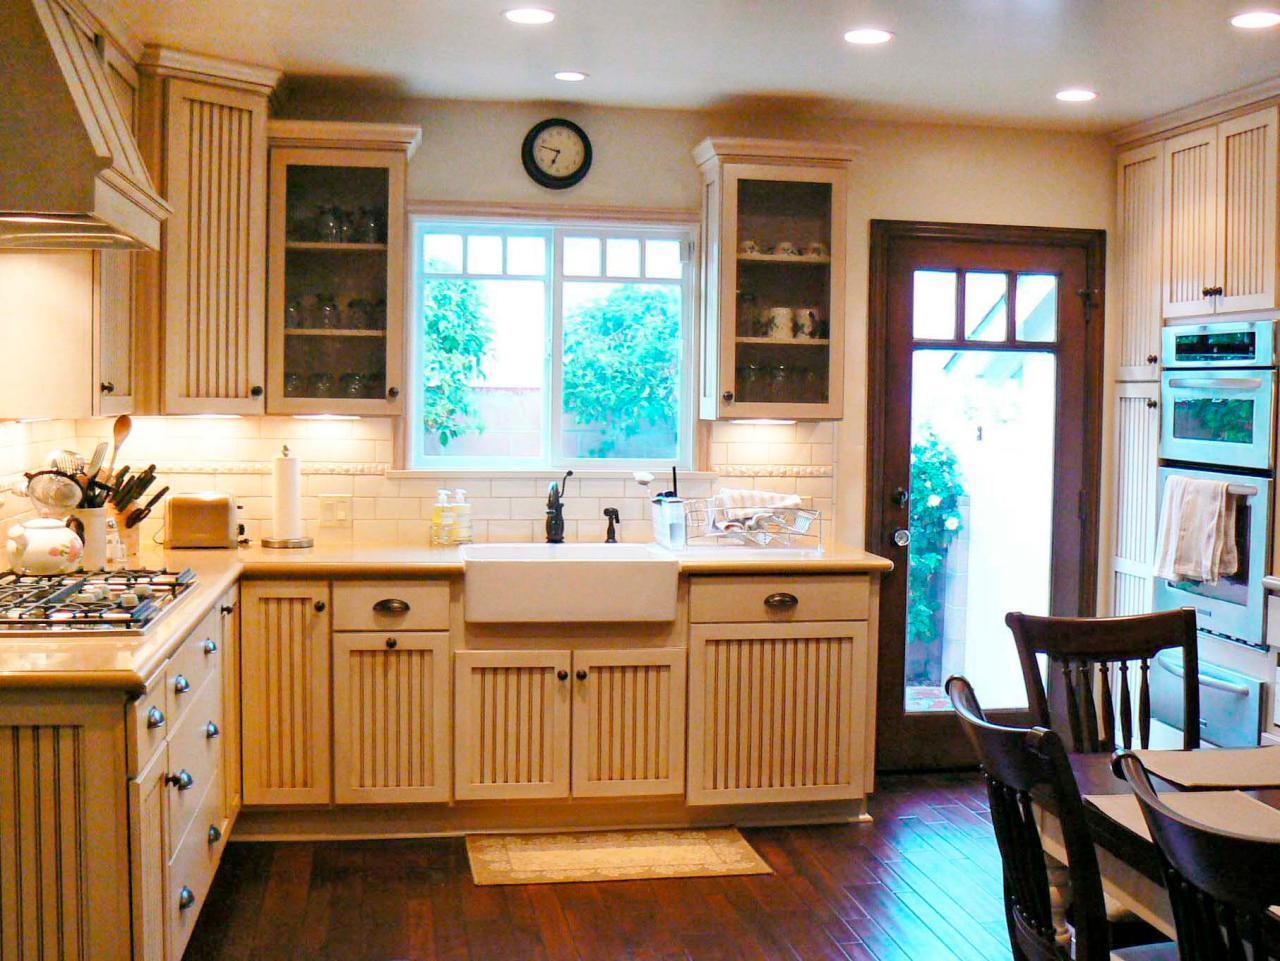 7 ideias para decorar e renovar a sua casa 2017 for Renovar casa